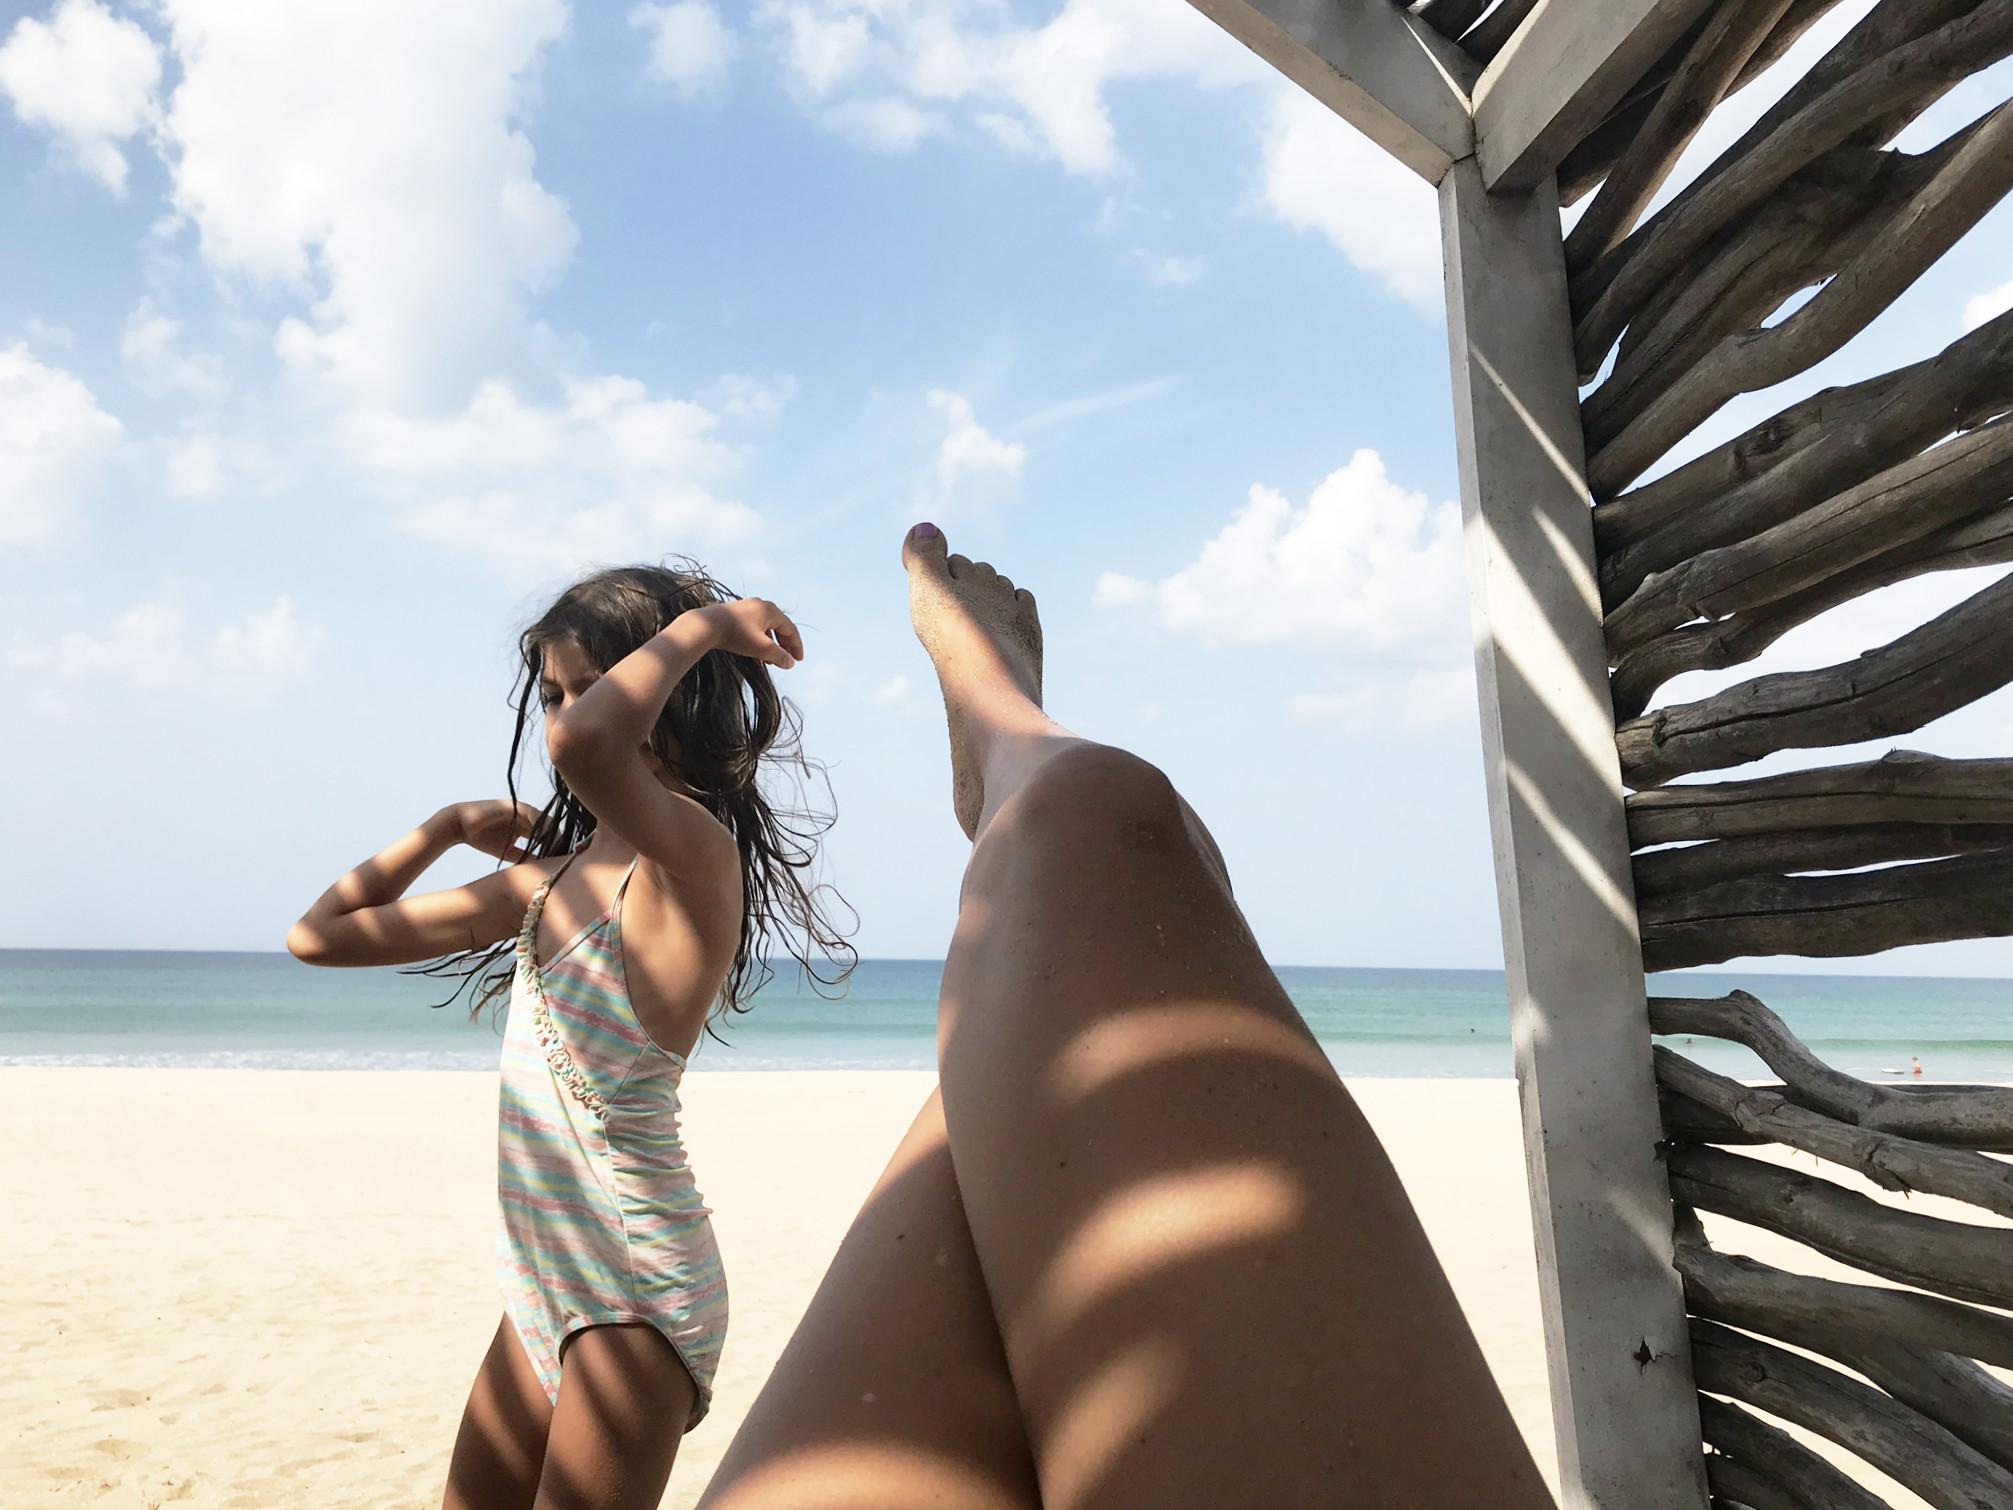 Es gibt schlimmeres als im Nordosten Sri Lankas am Strand zu liegen...